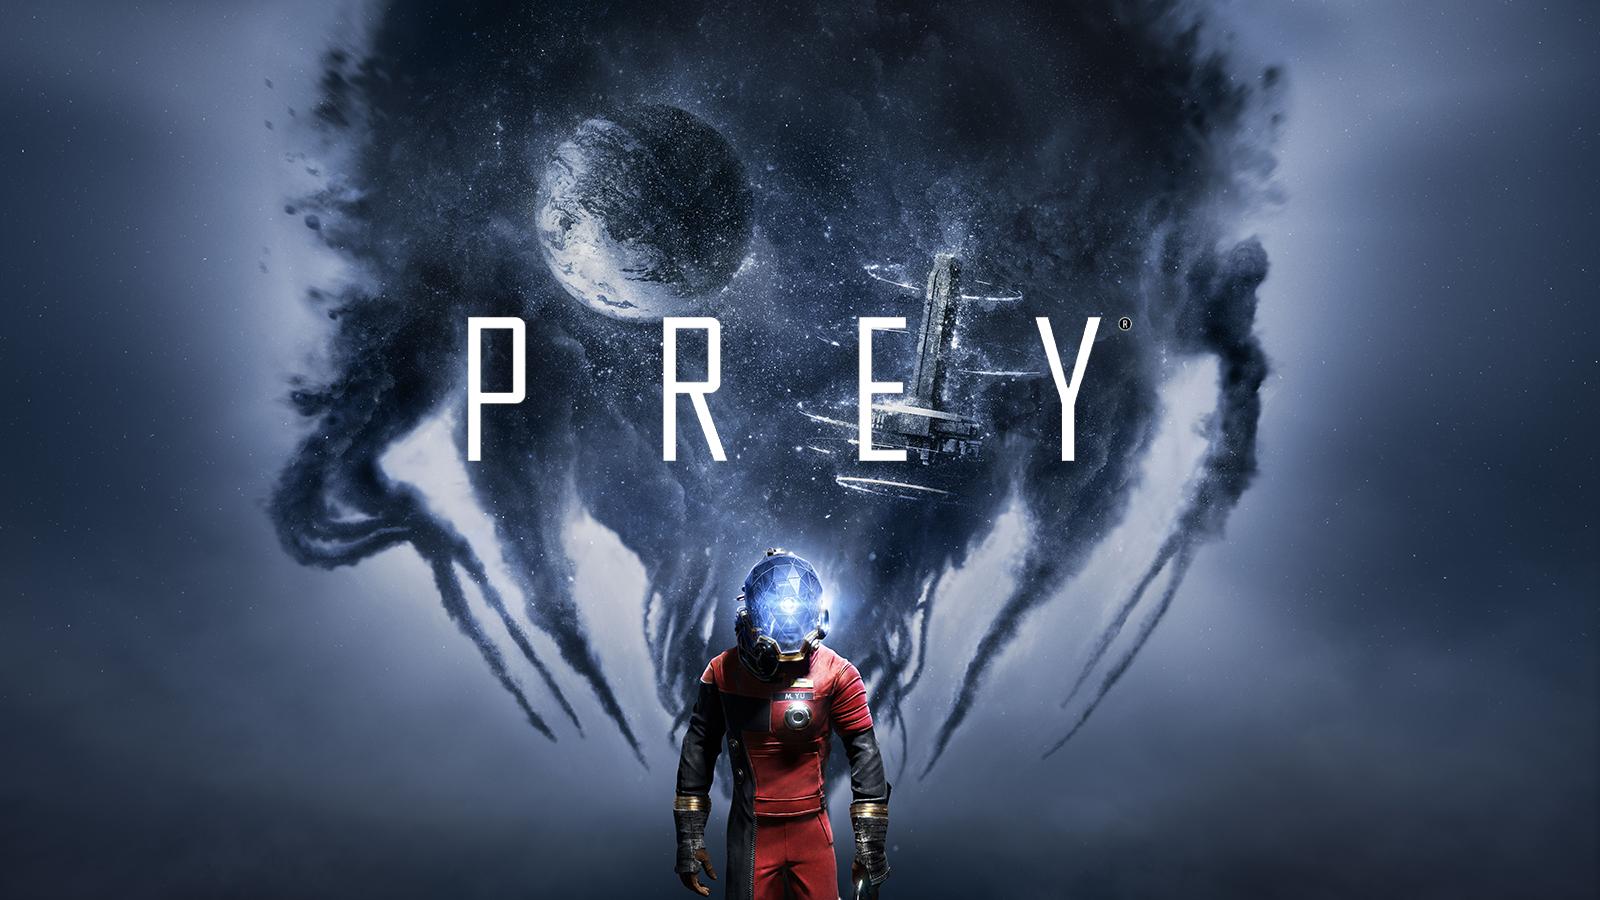 prey-listing-thumb-01-ps4-us-14jun16?$Icon$